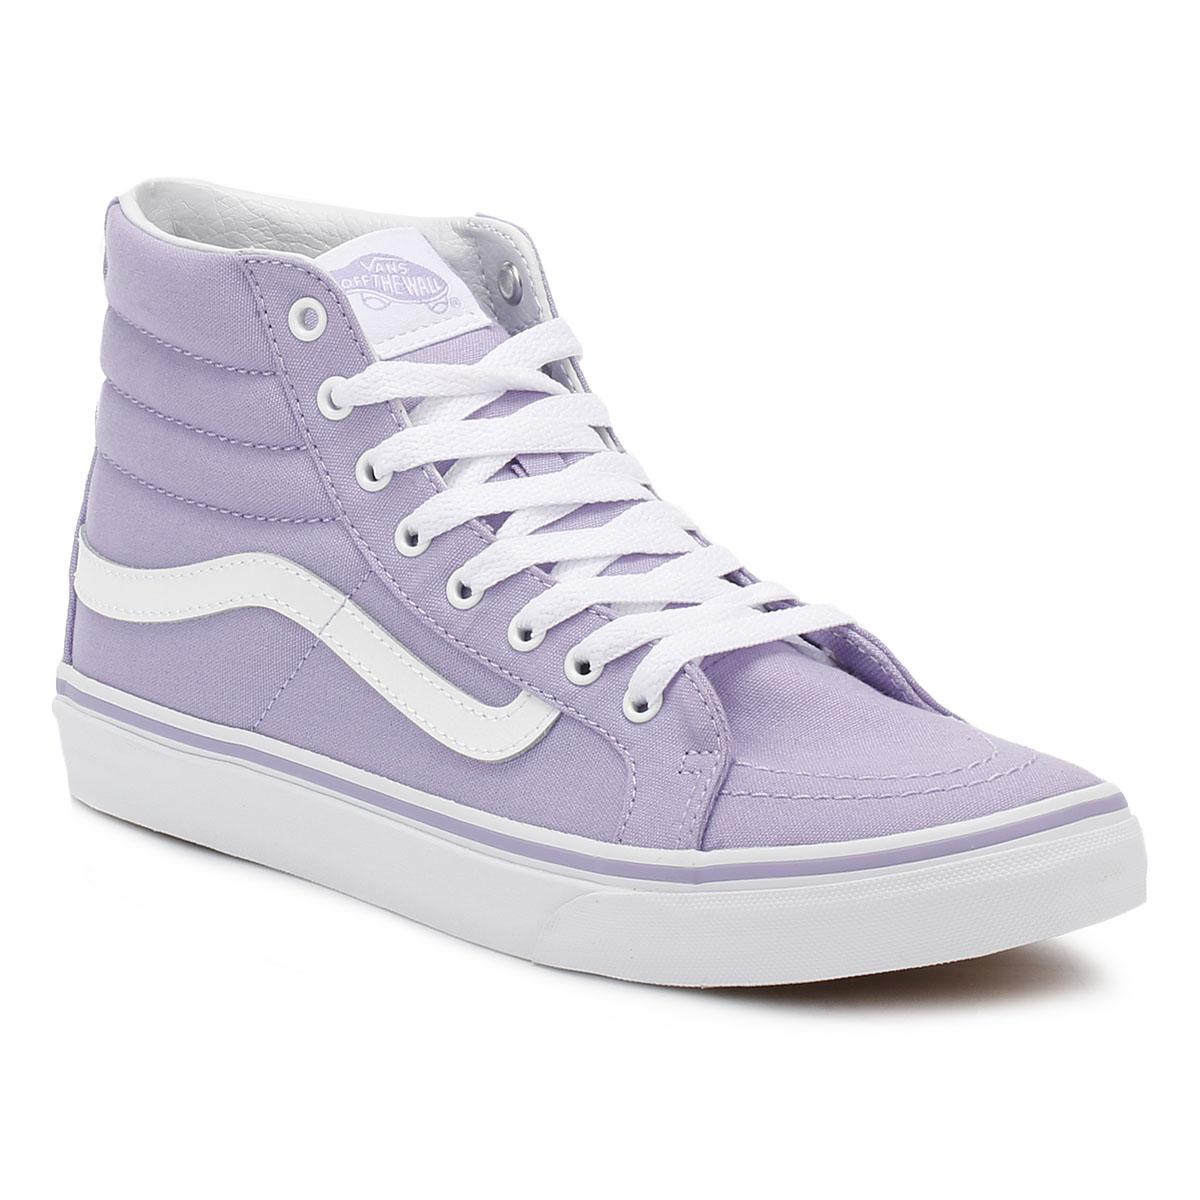 Vans. Womens Lavender Sk8-hi Slim Trainers